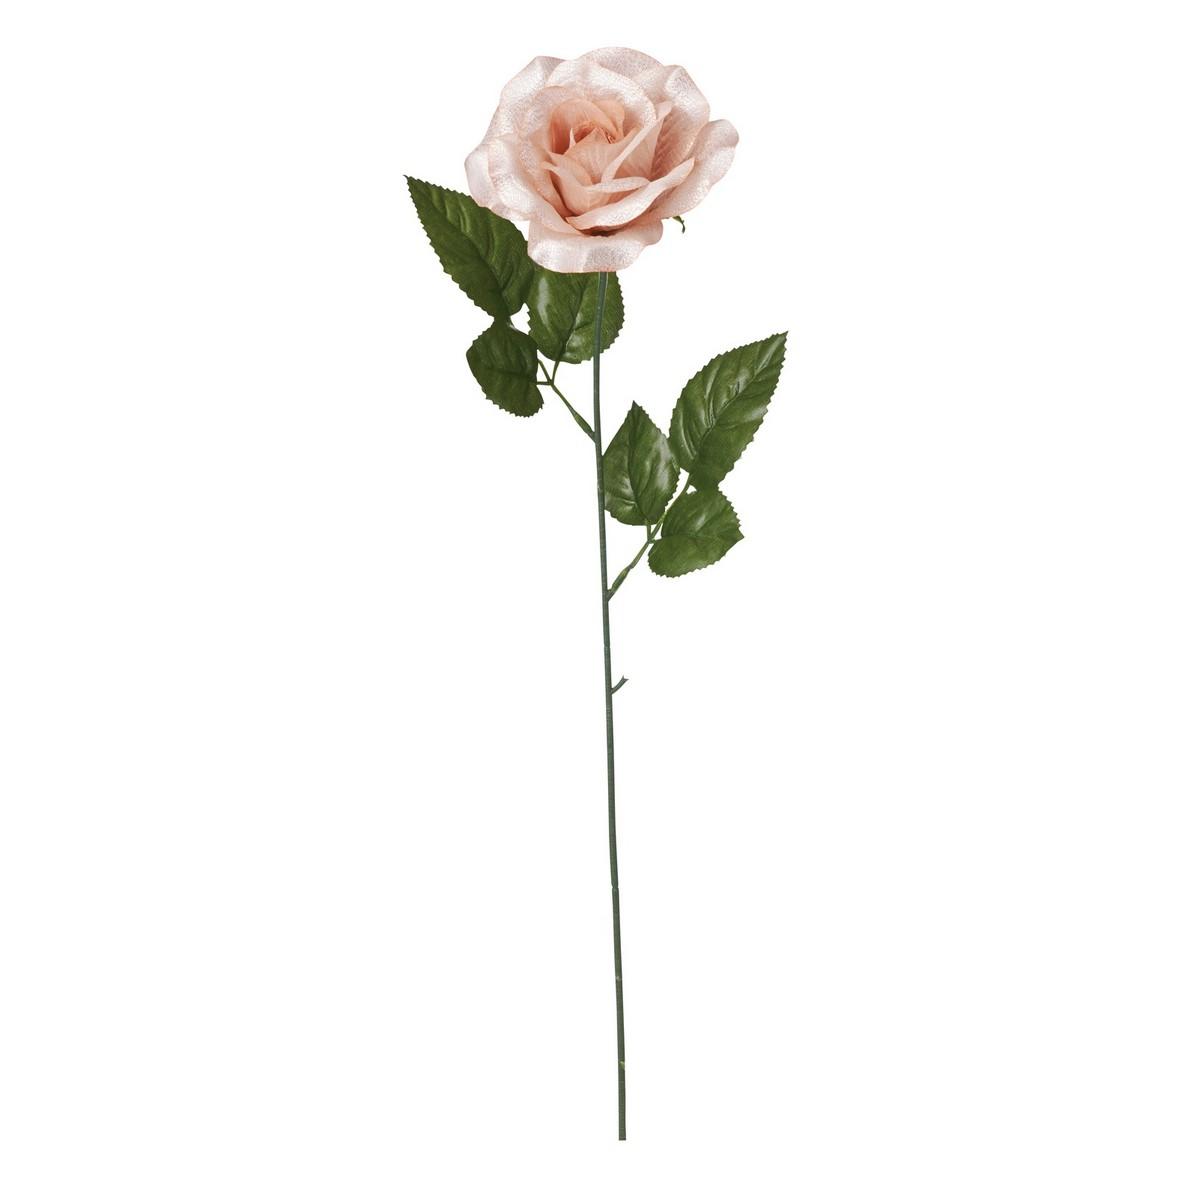 即日★【造花】YDM/シャイニーローズシングル ゴールド/FS -6961-GO|造花 バラ【00】《 造花(アーティフィシャルフラワー) 造花 花材「は行」 バラ 》